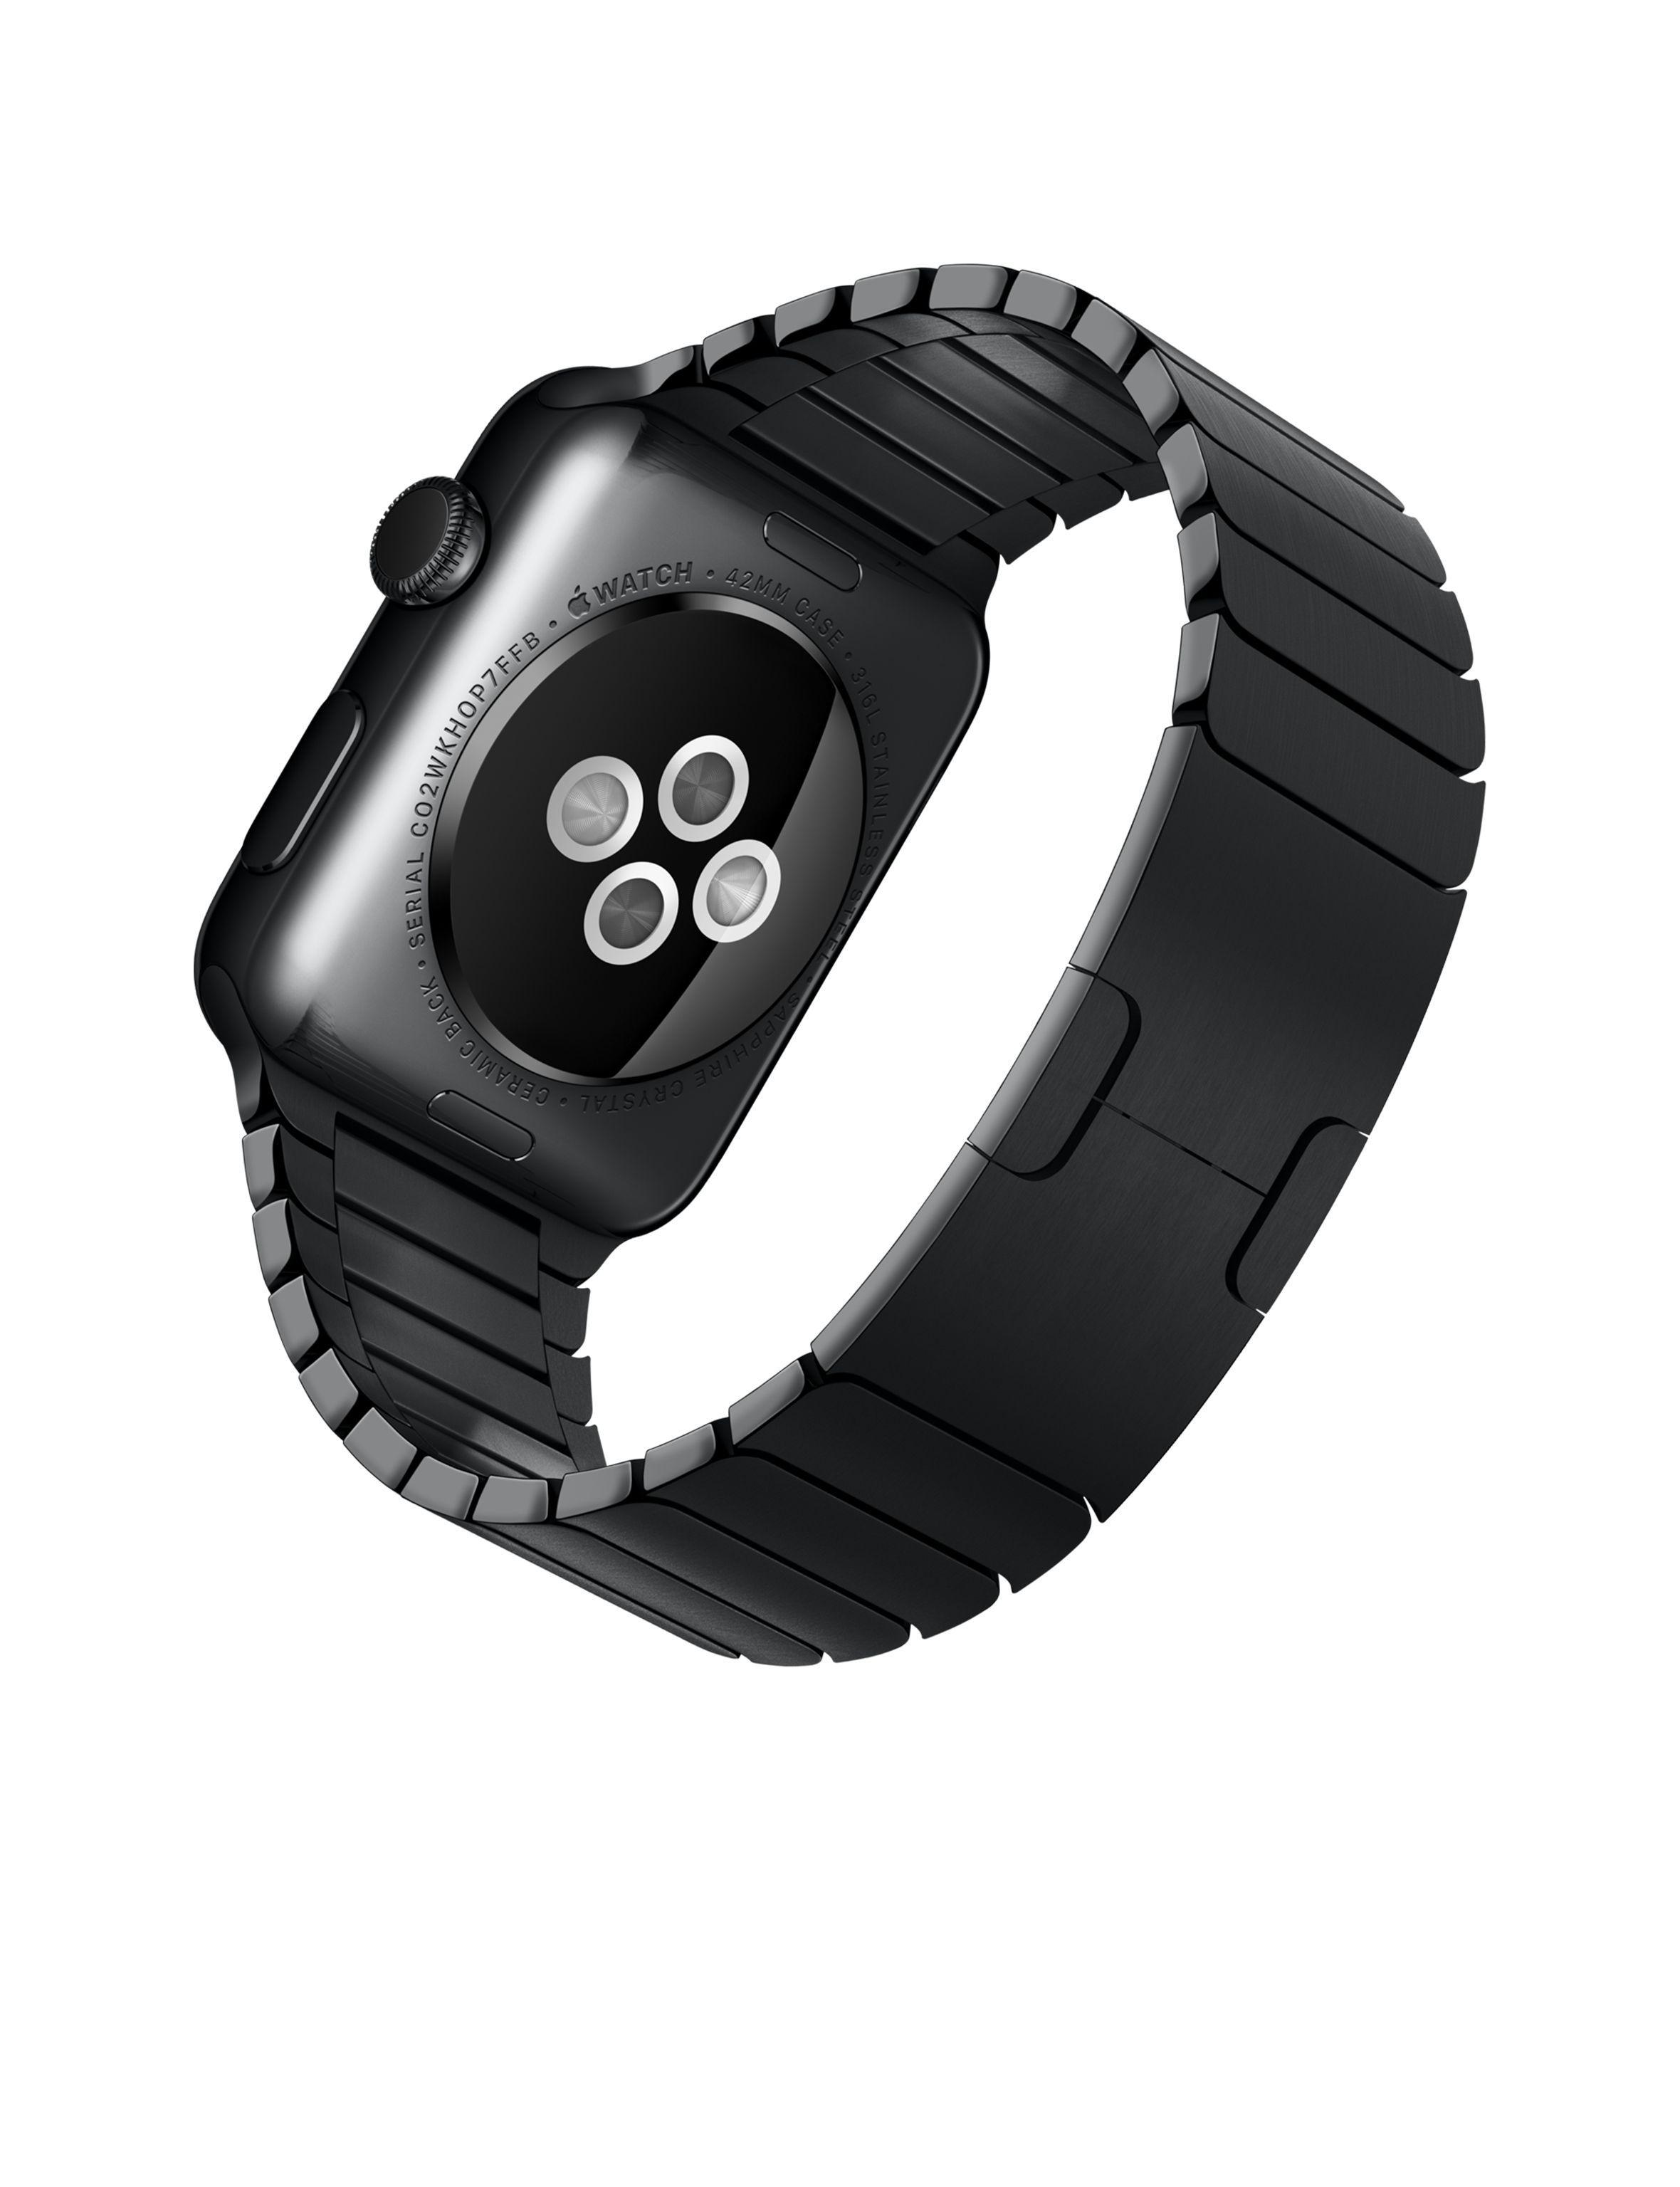 79e2d507d85 Apple Watch – Caixa 42mm de aço inoxidável com pulseira preta de elos